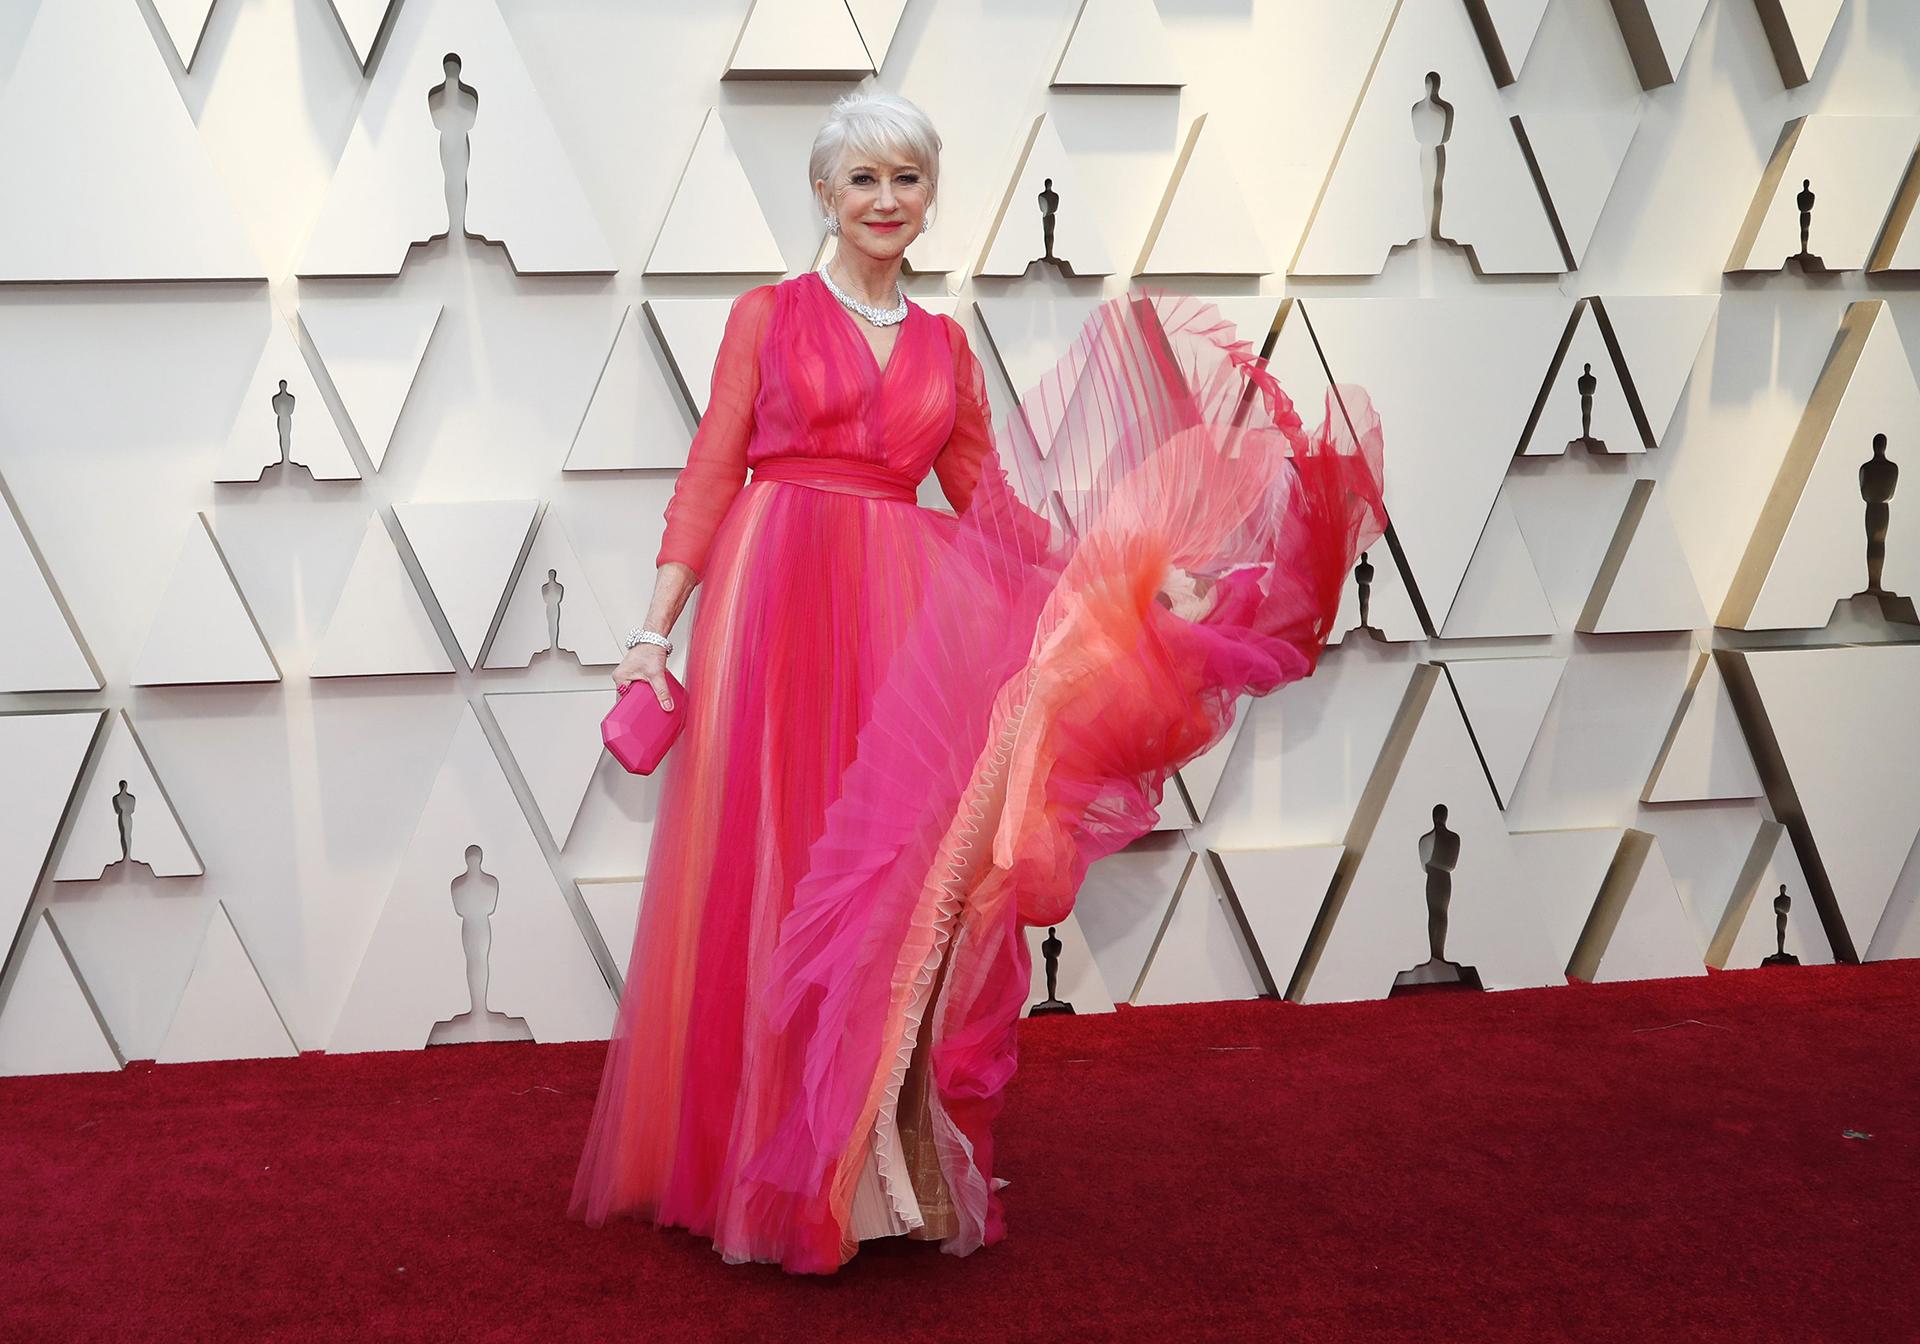 La actriz británica Helen Mirren lució un vestido fucsia con diferentes tonos y mucho tul, con mangas largas con transparencias y un clutch rígido